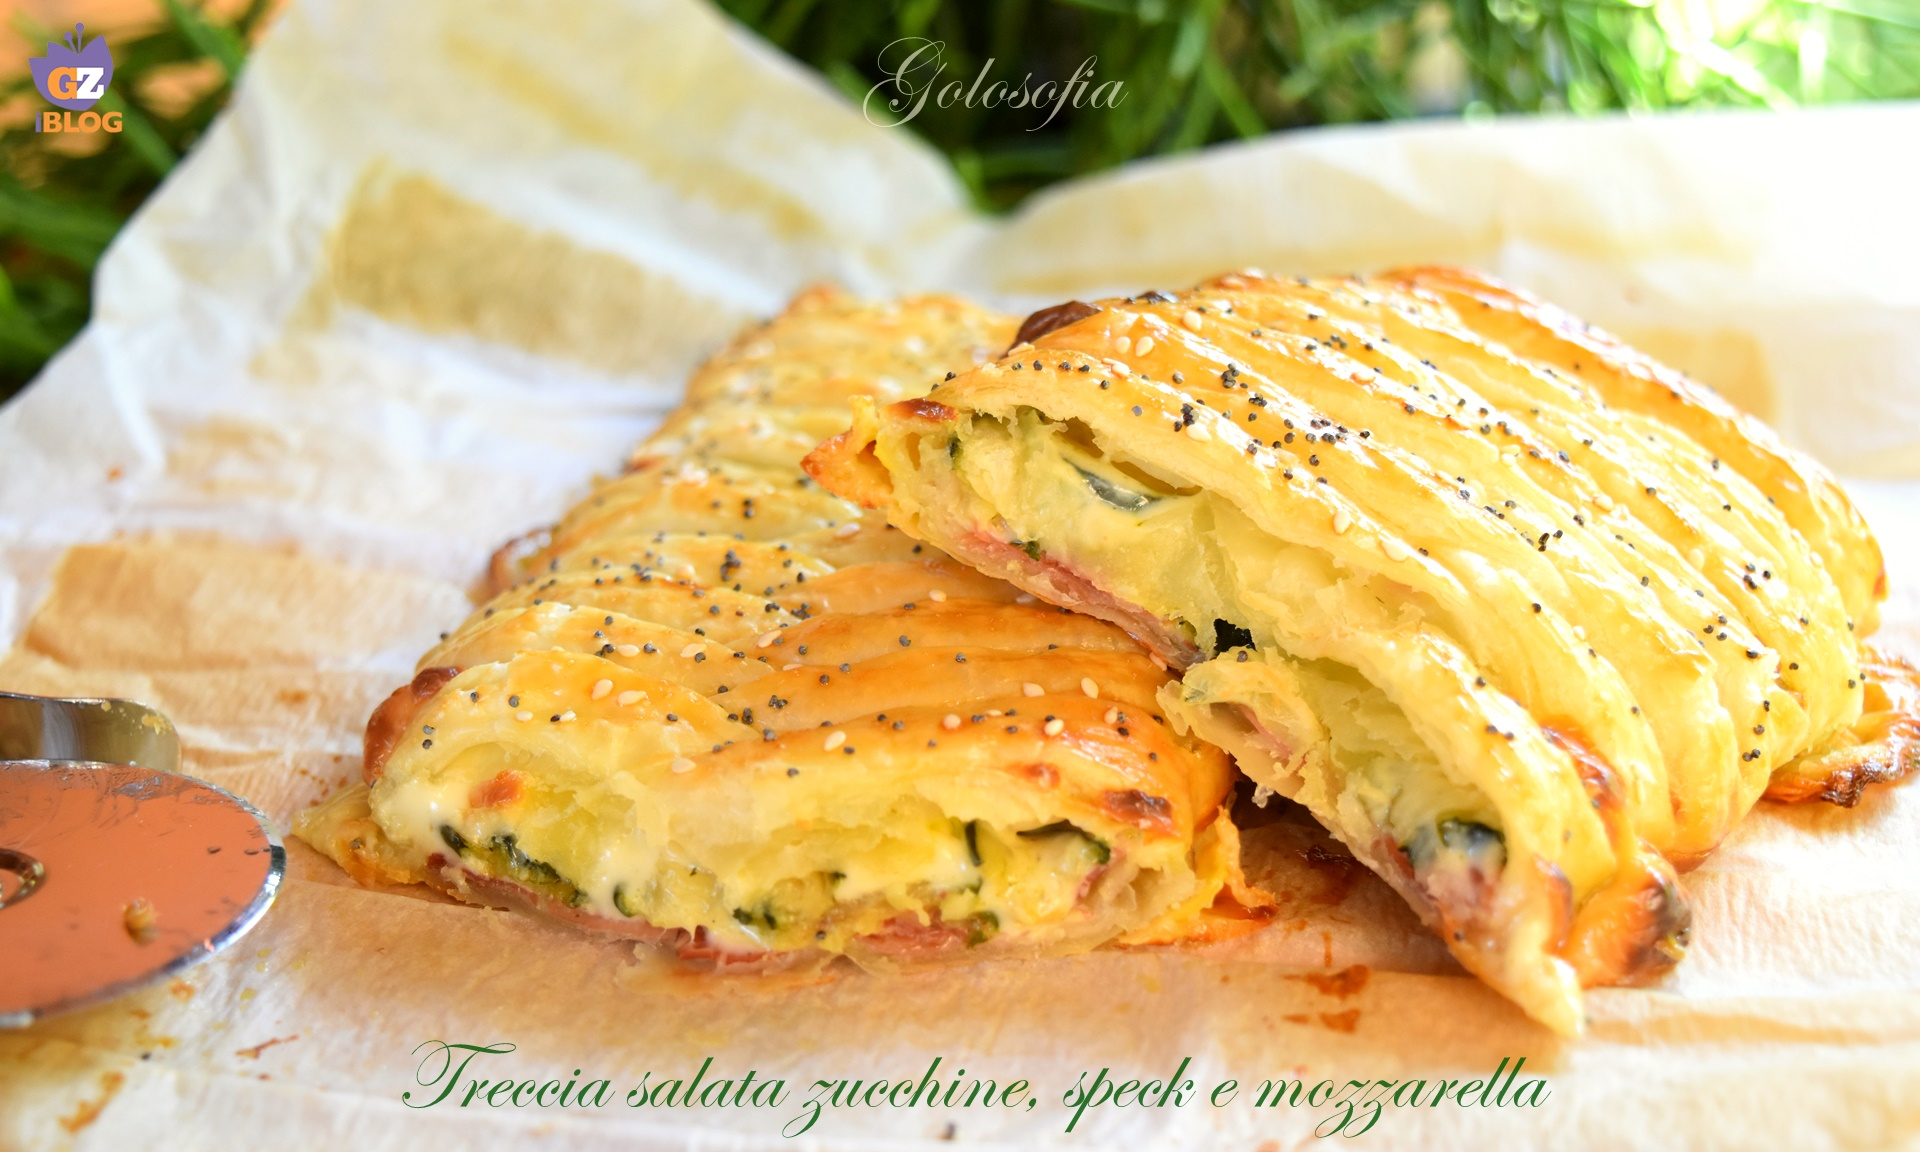 Treccia salata zucchine, speck e mozzarella, ricetta antipasti